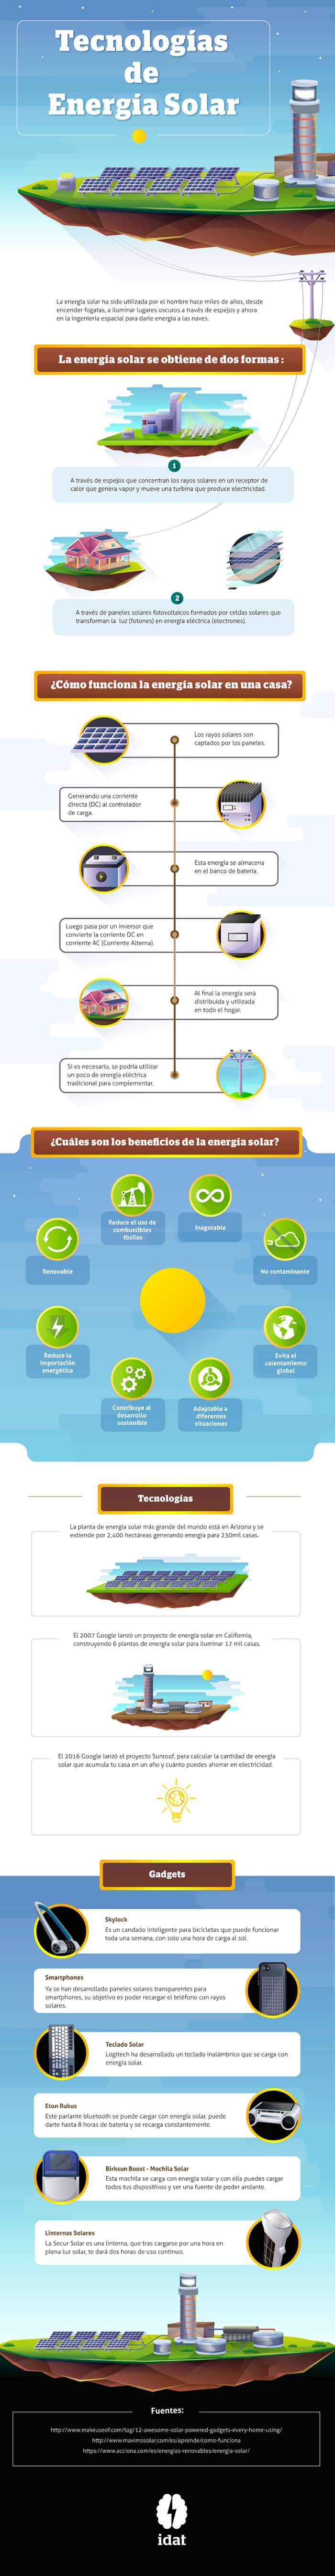 Tecnología de Energía Solar